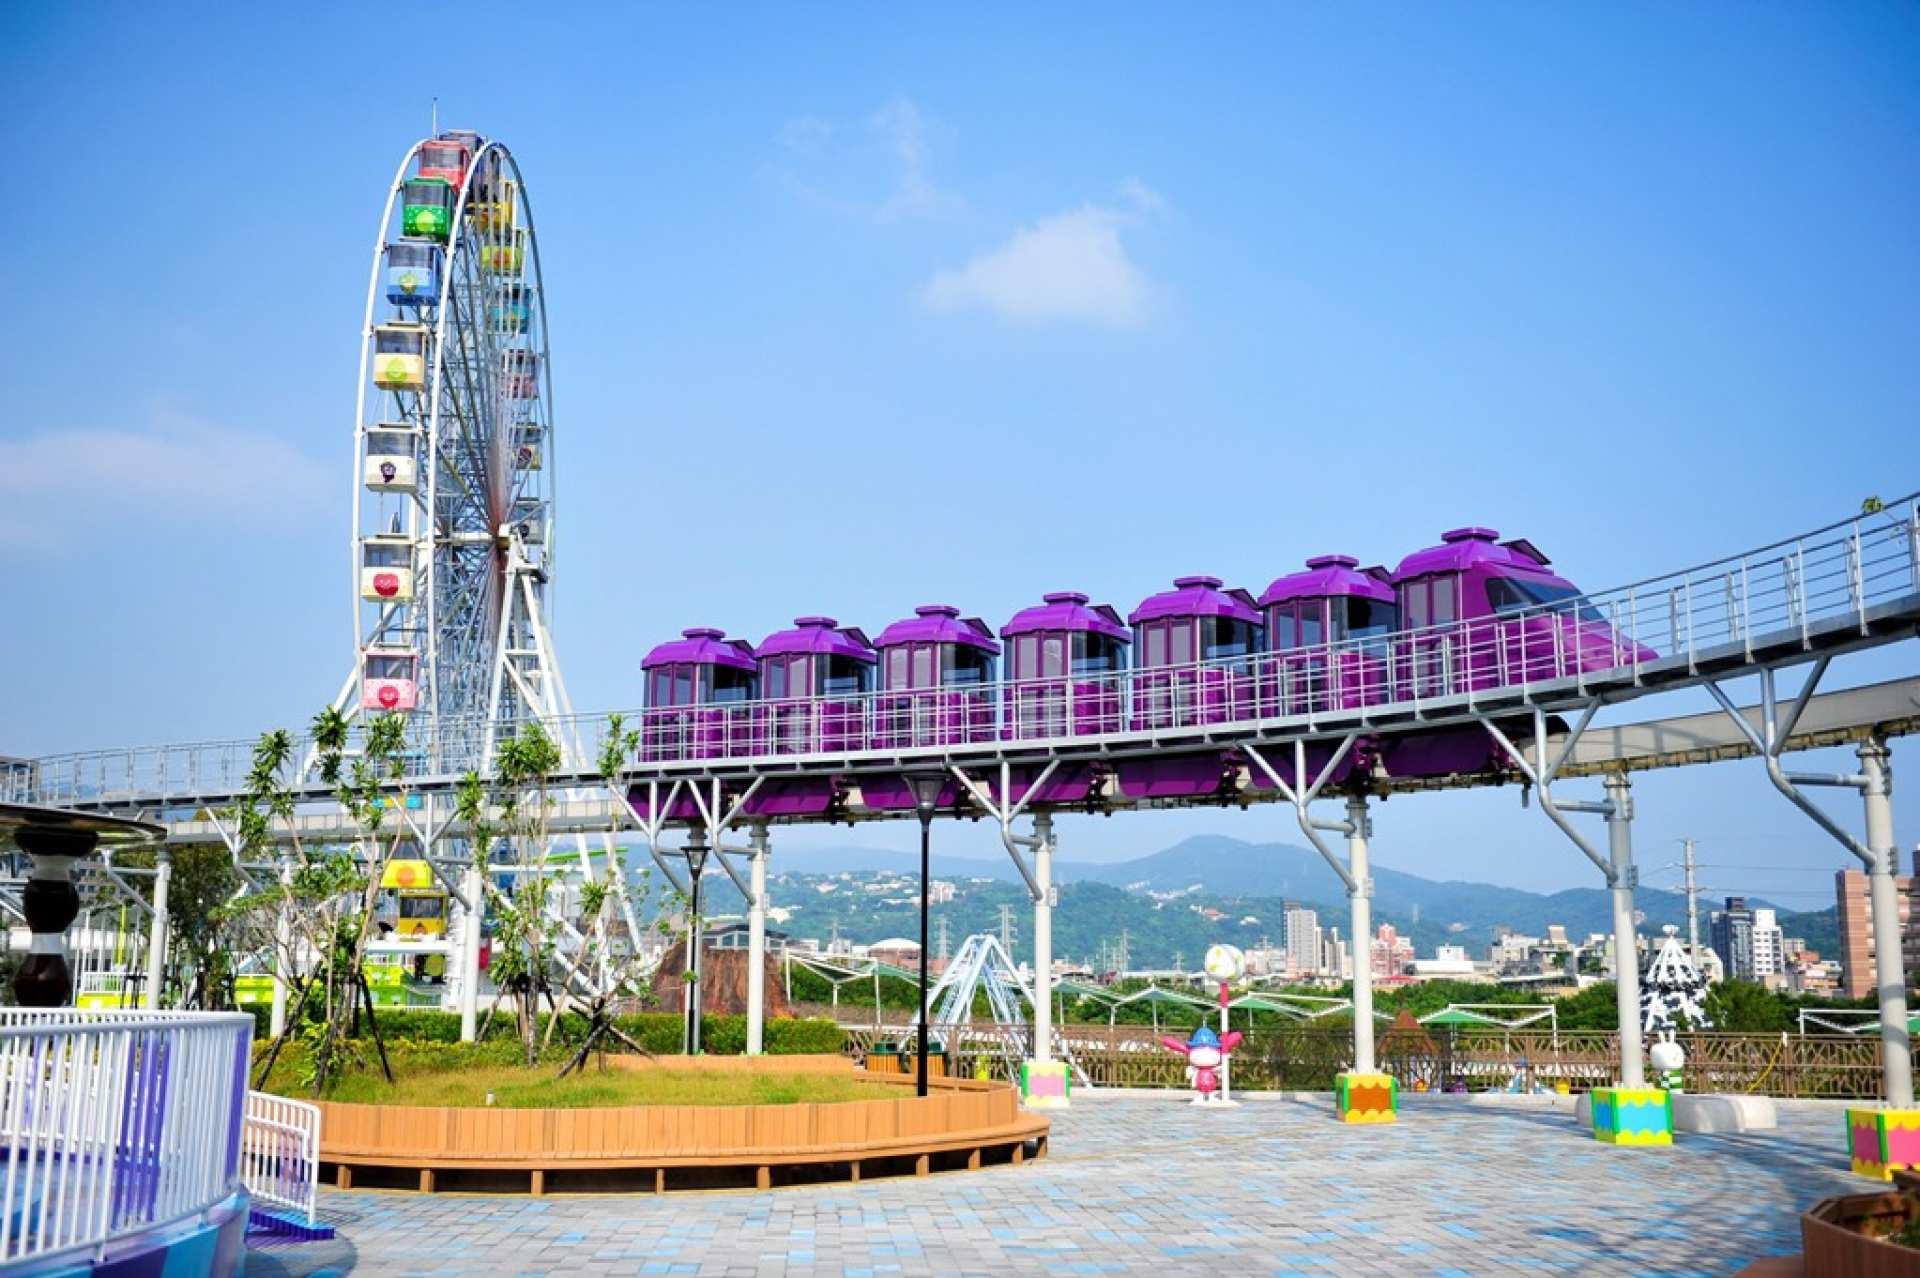 【オンライン限定価格】台北・士林 台北チャイルドアミューズメントパーク(台北市立兒童新樂園) 1日チケット